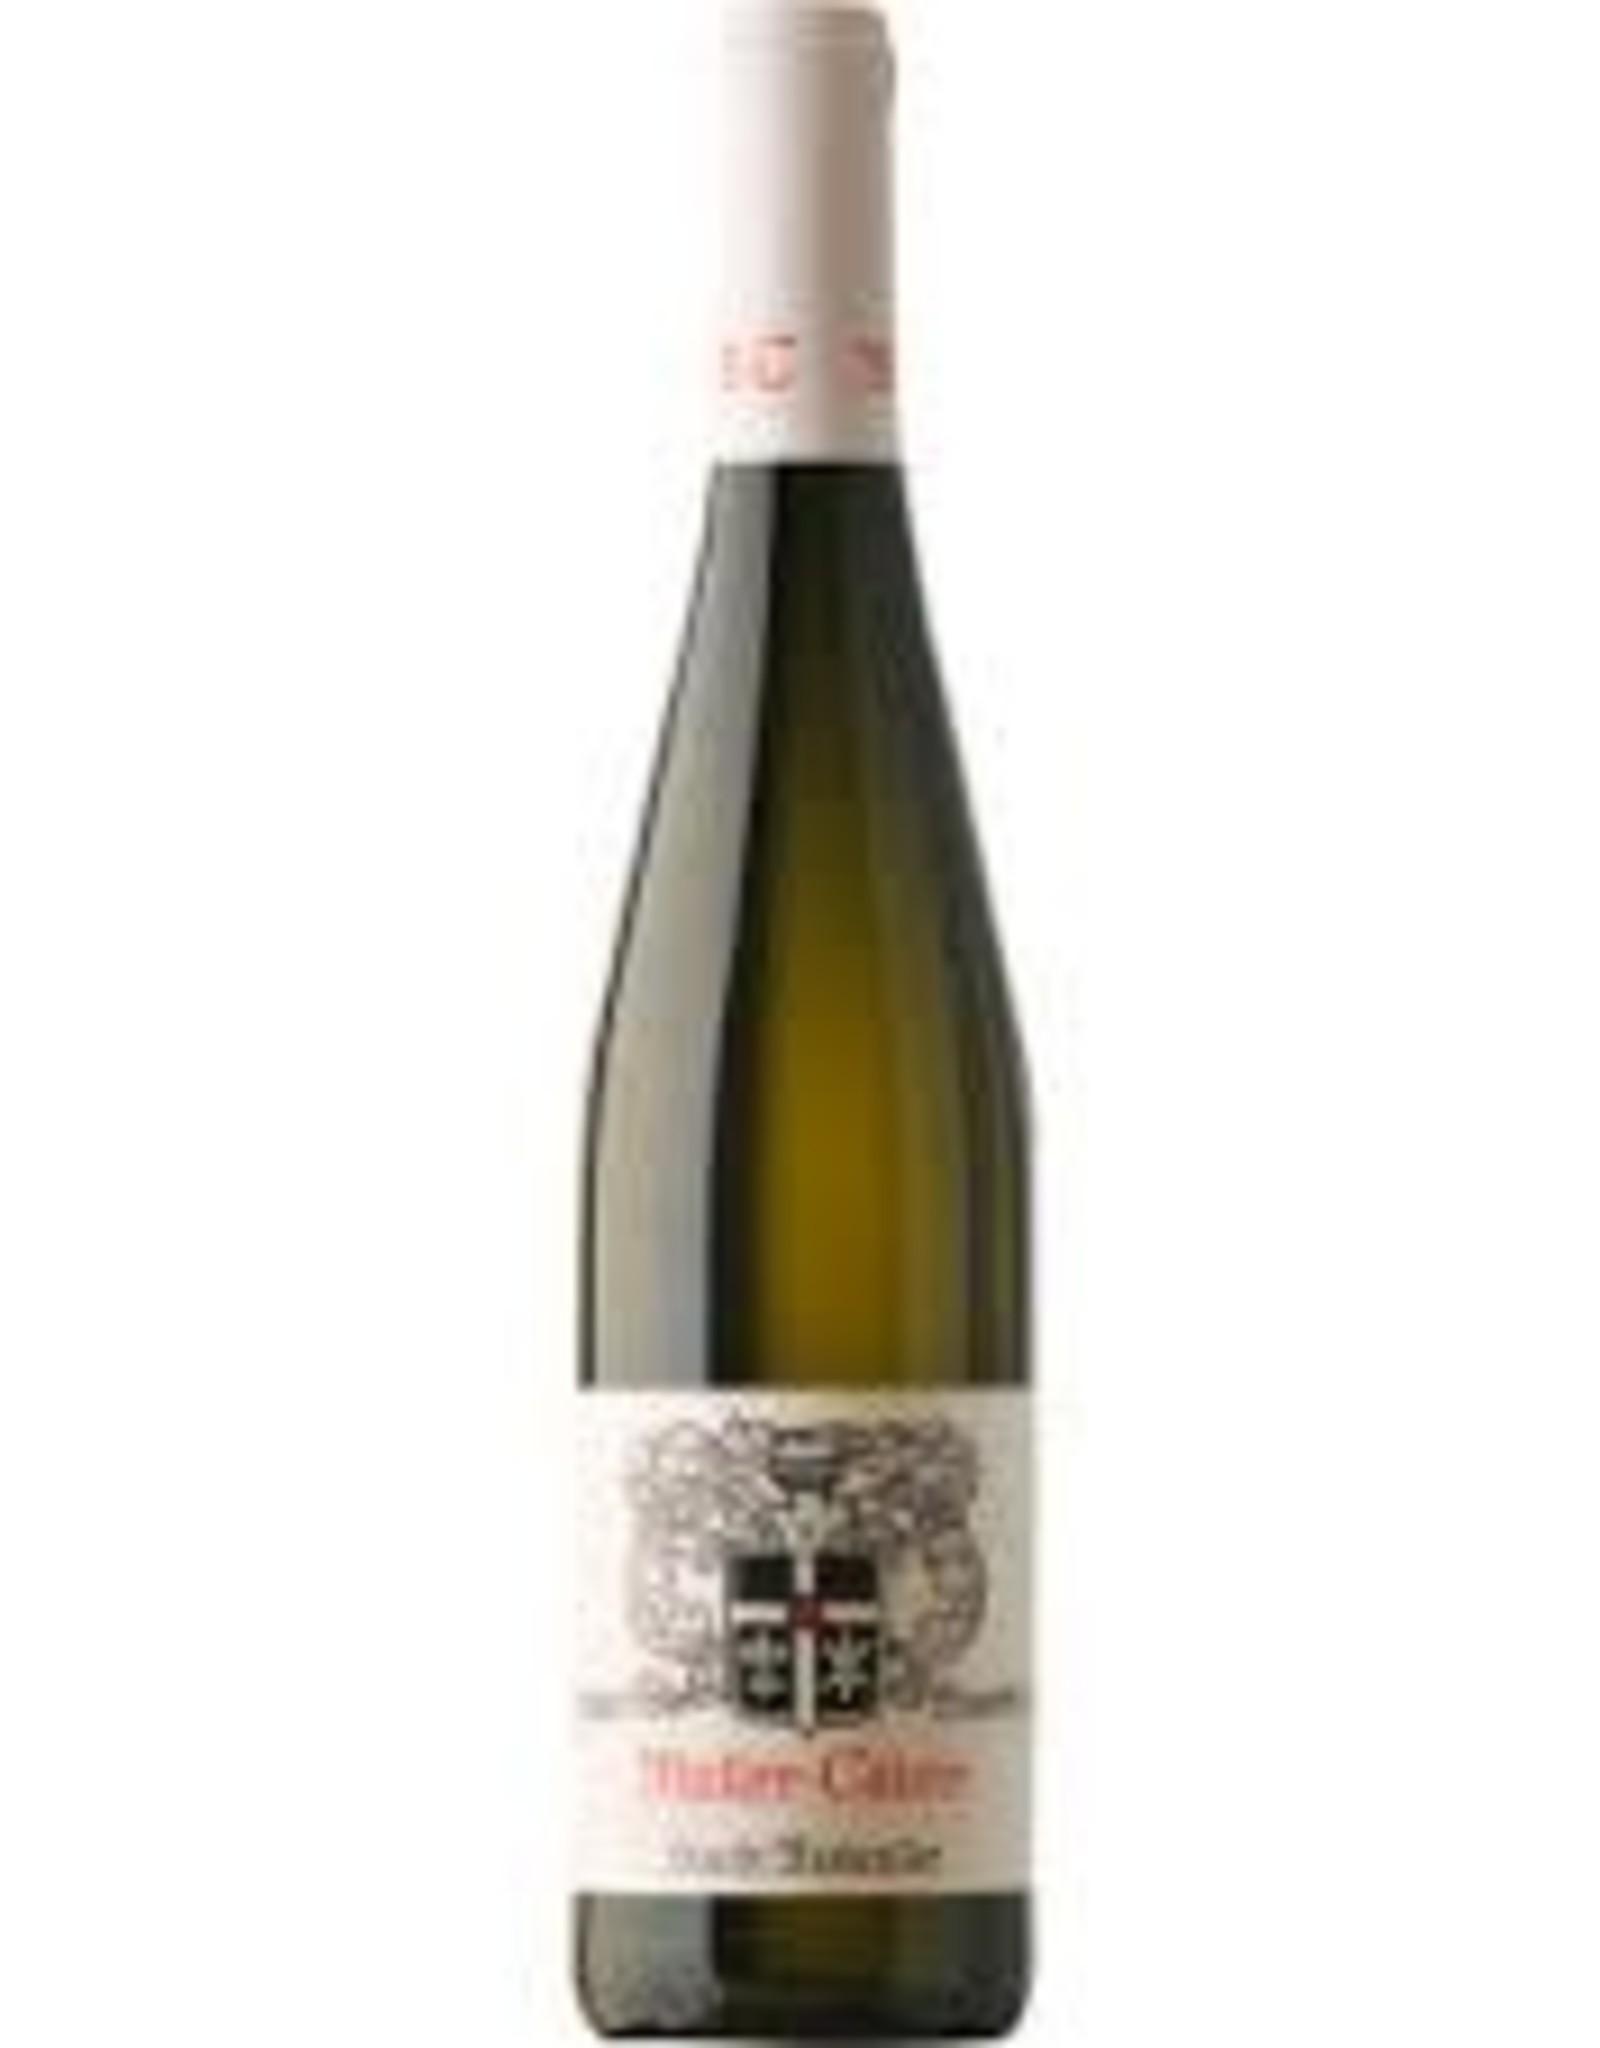 Wine-White Muskateller, Haardt TrockeN, Muller-Catoir 2016